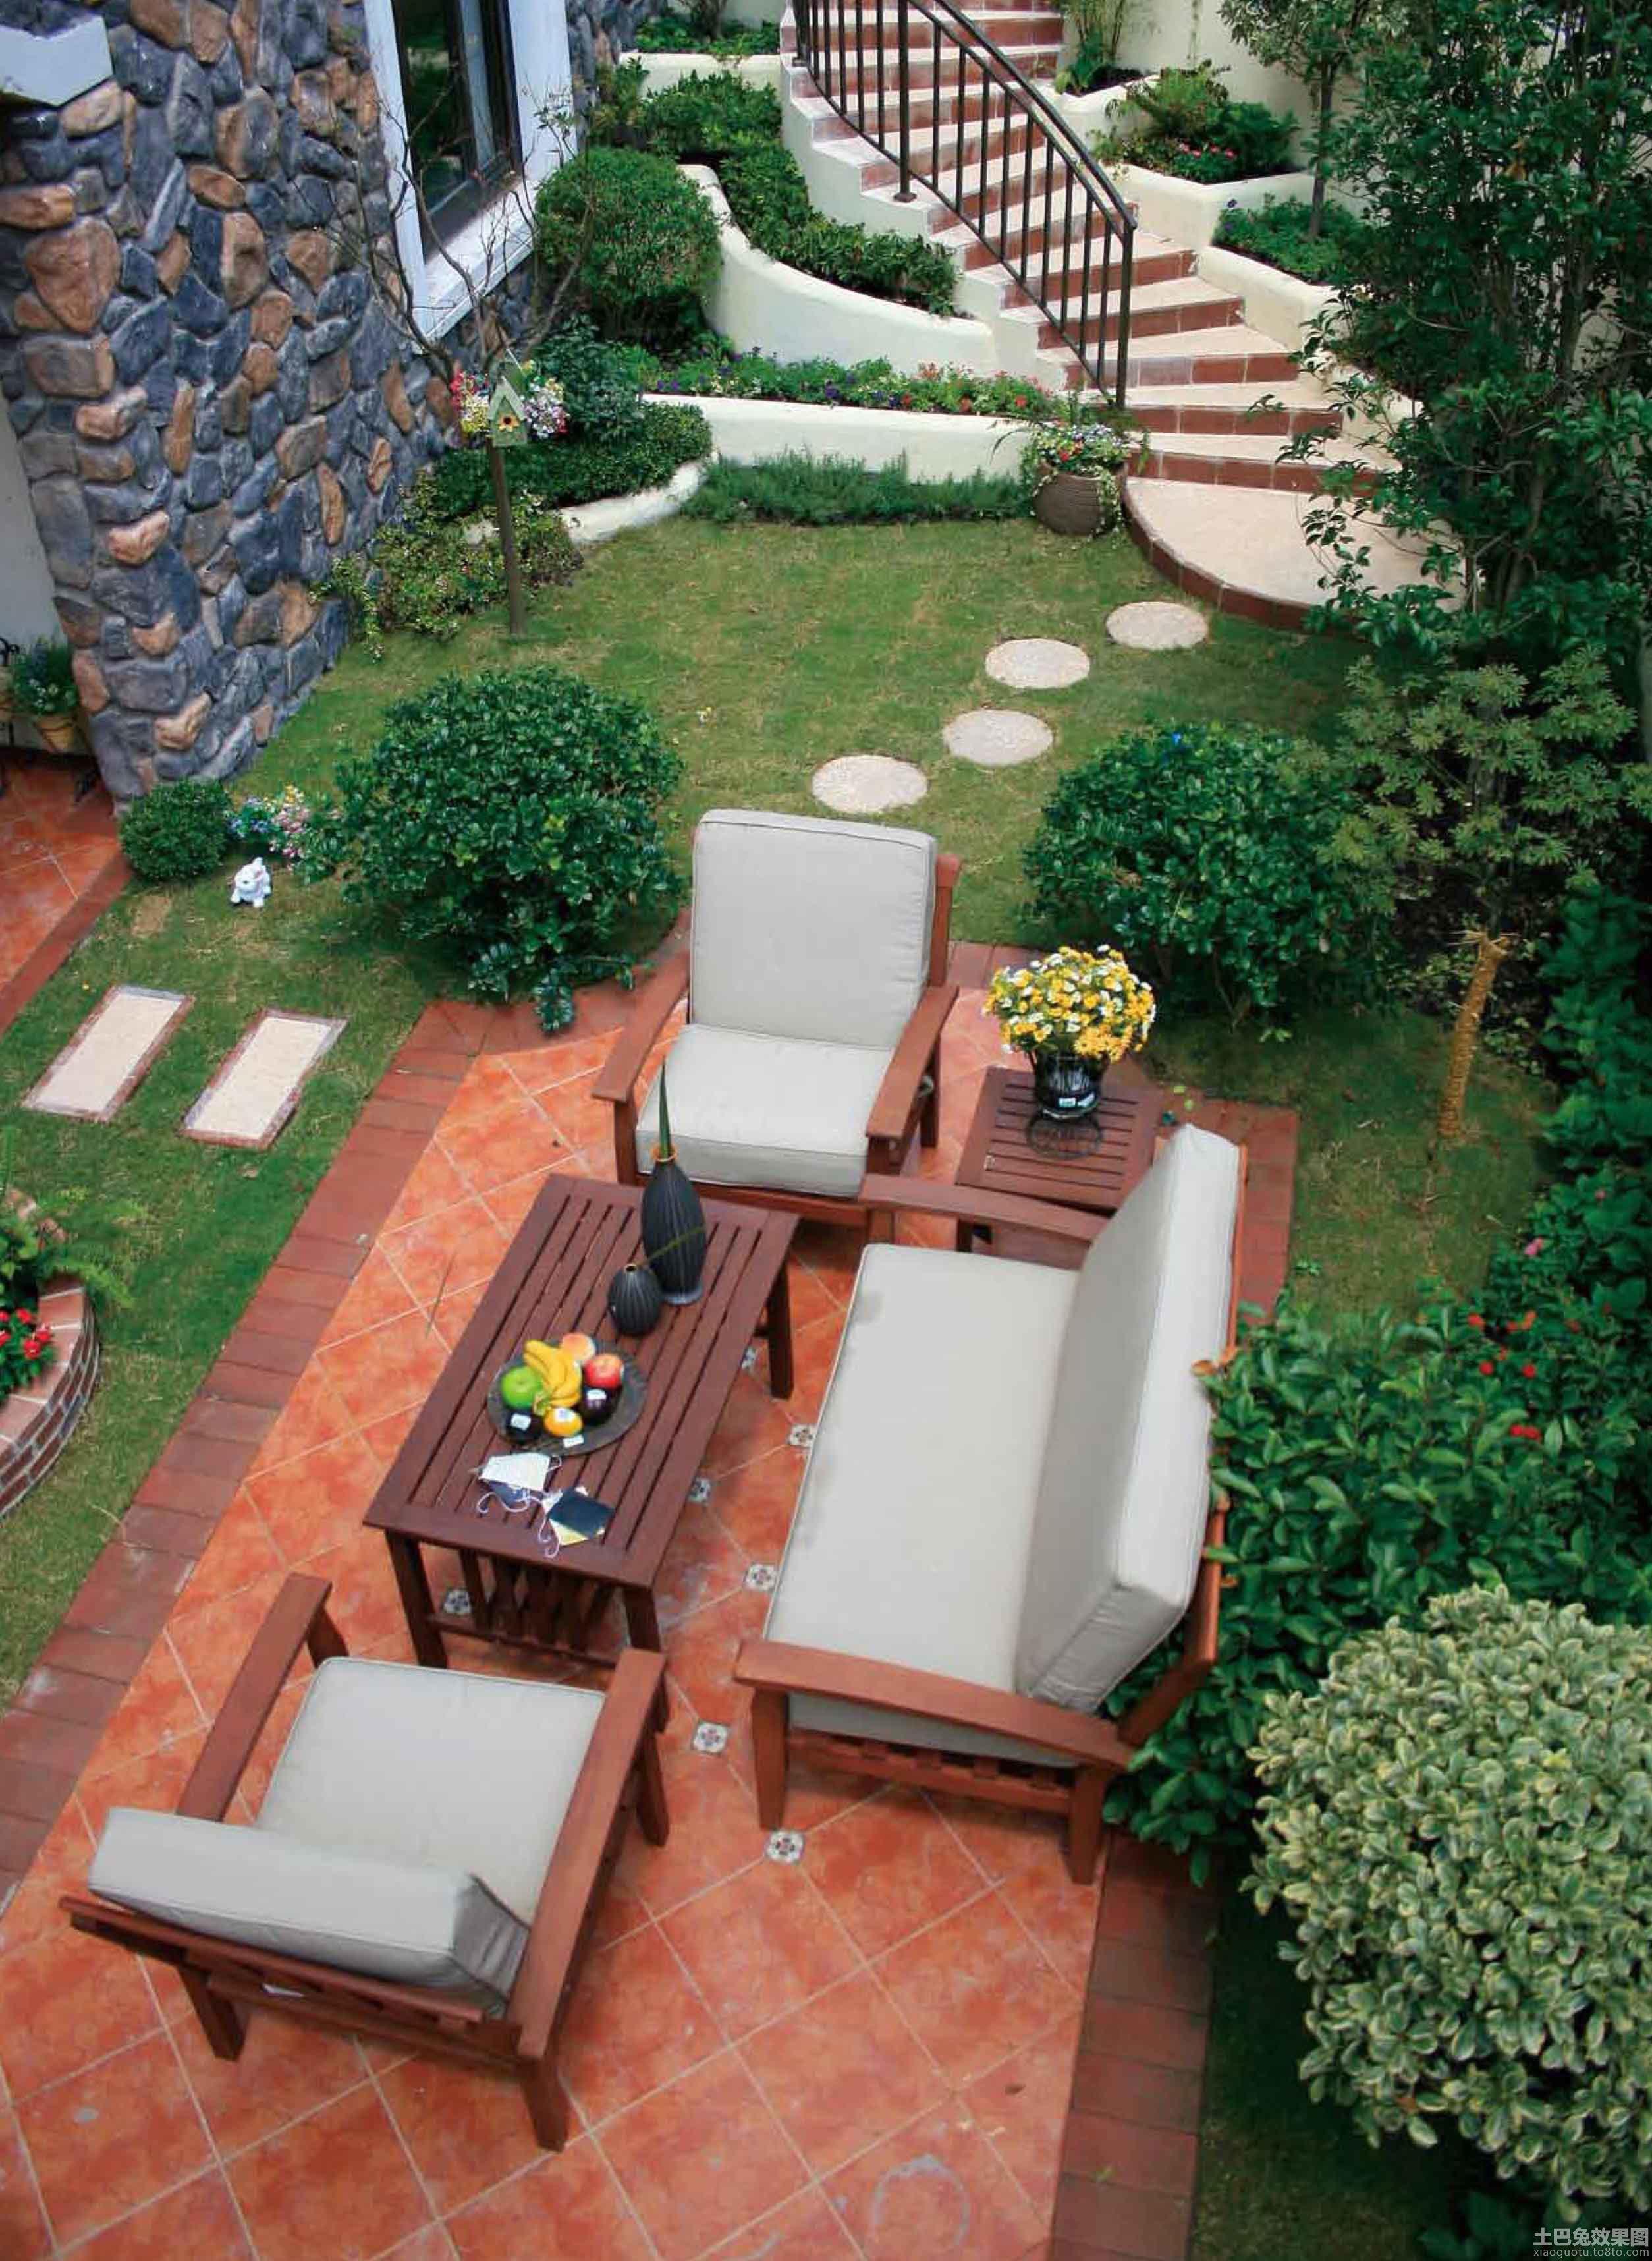 中式私家庭院景观设计装修效果图 第11张 家居图库 九正家居网